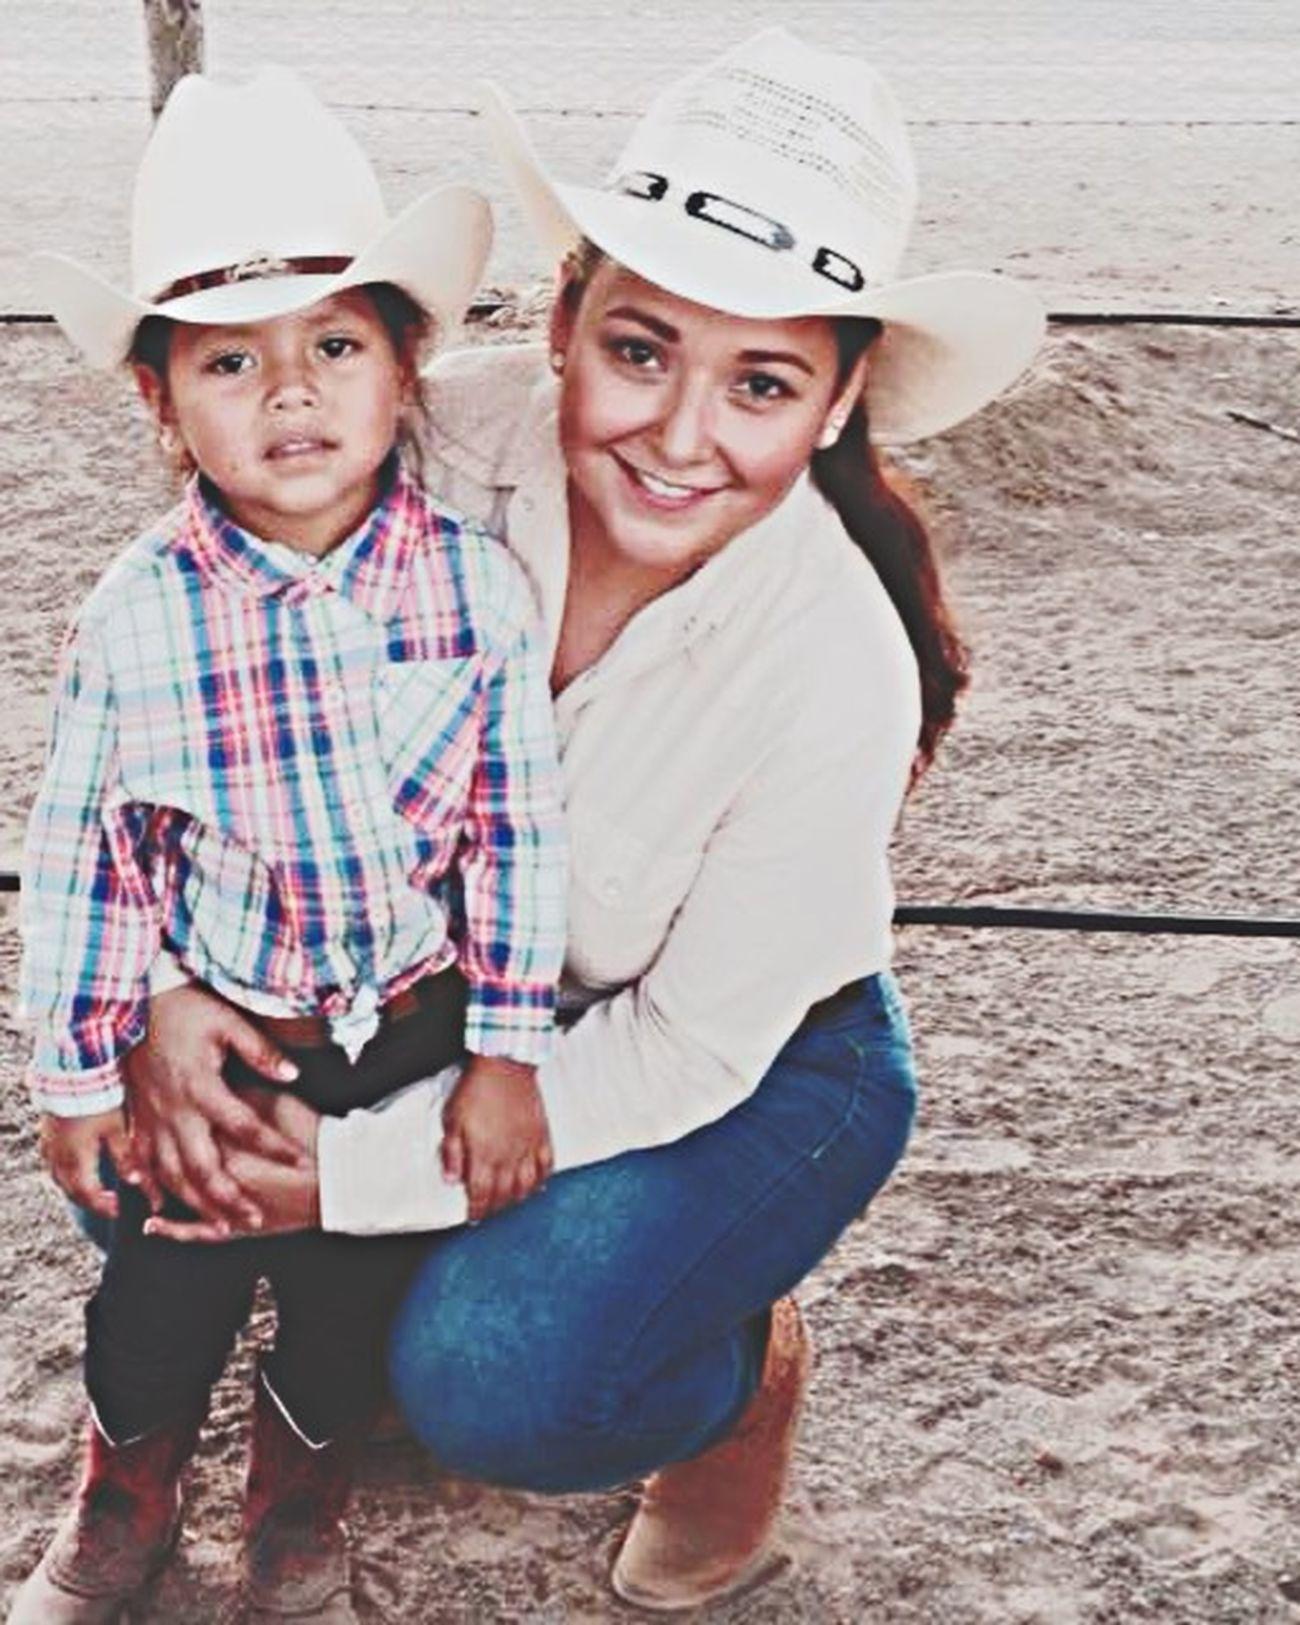 Cowgirls!! 🐎🐎